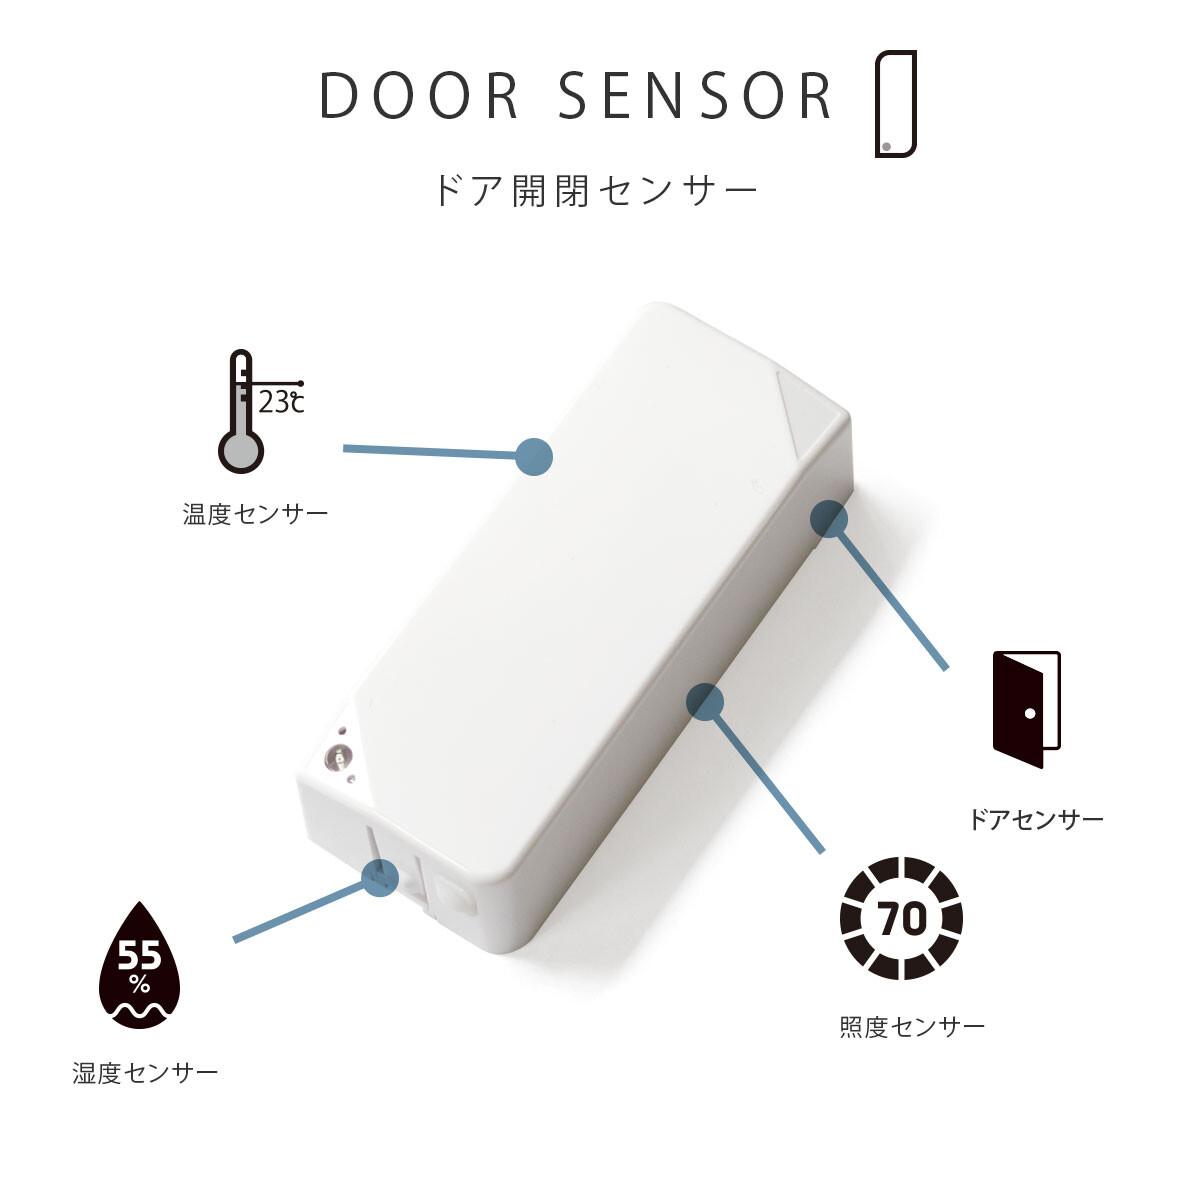 【支援者限定!】 追加ドア開閉センサー